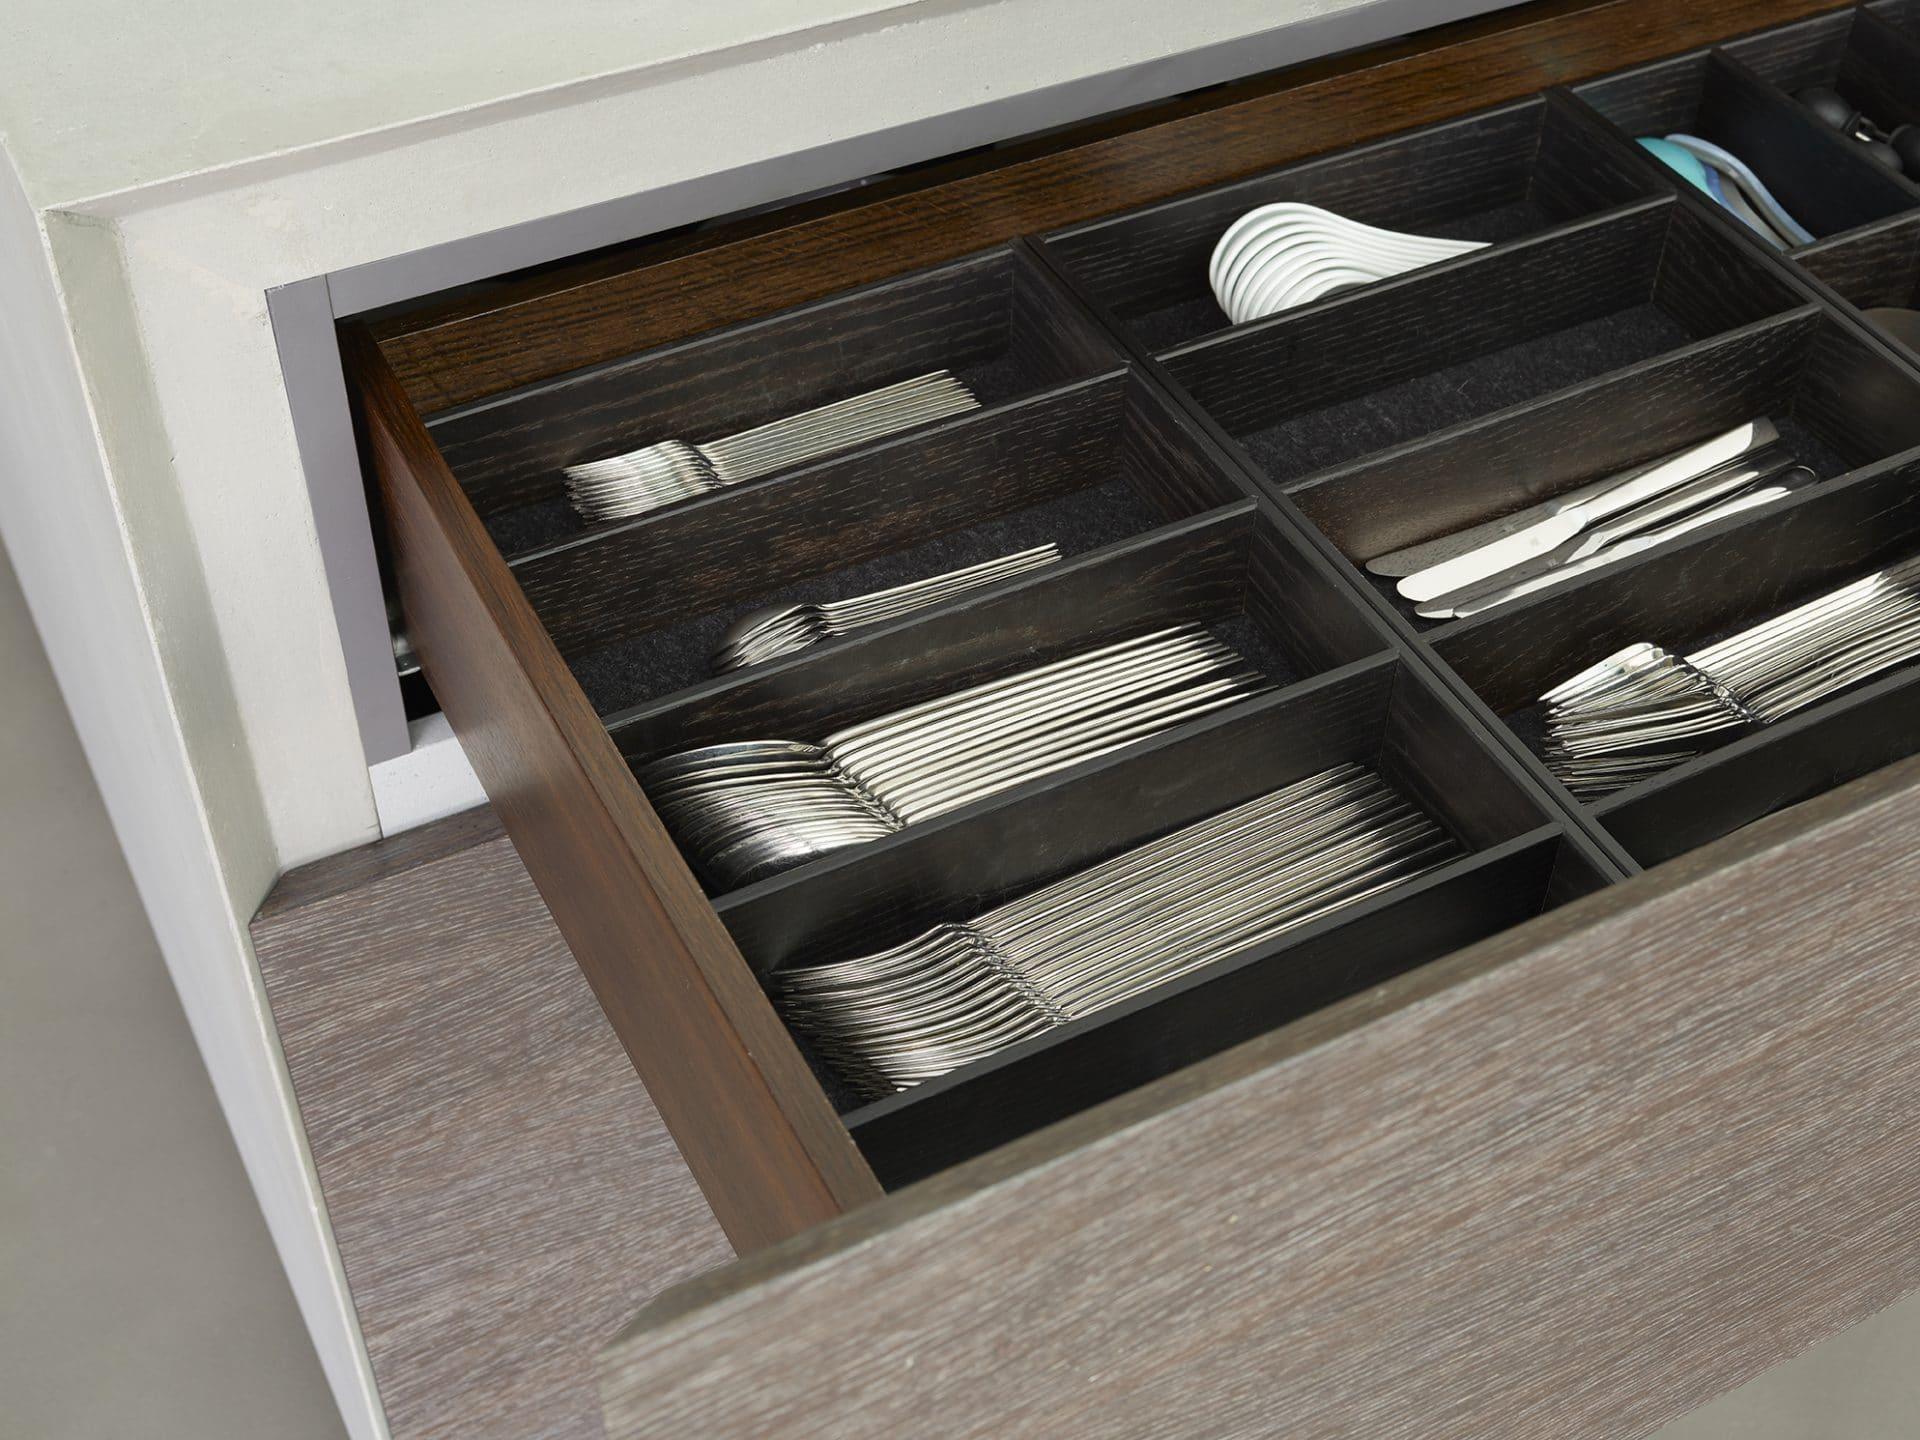 Küchendesign von VOIT aus geräucherter Eiche, Beton und Edelstahl - Besteckschubblade mit Besteck darin